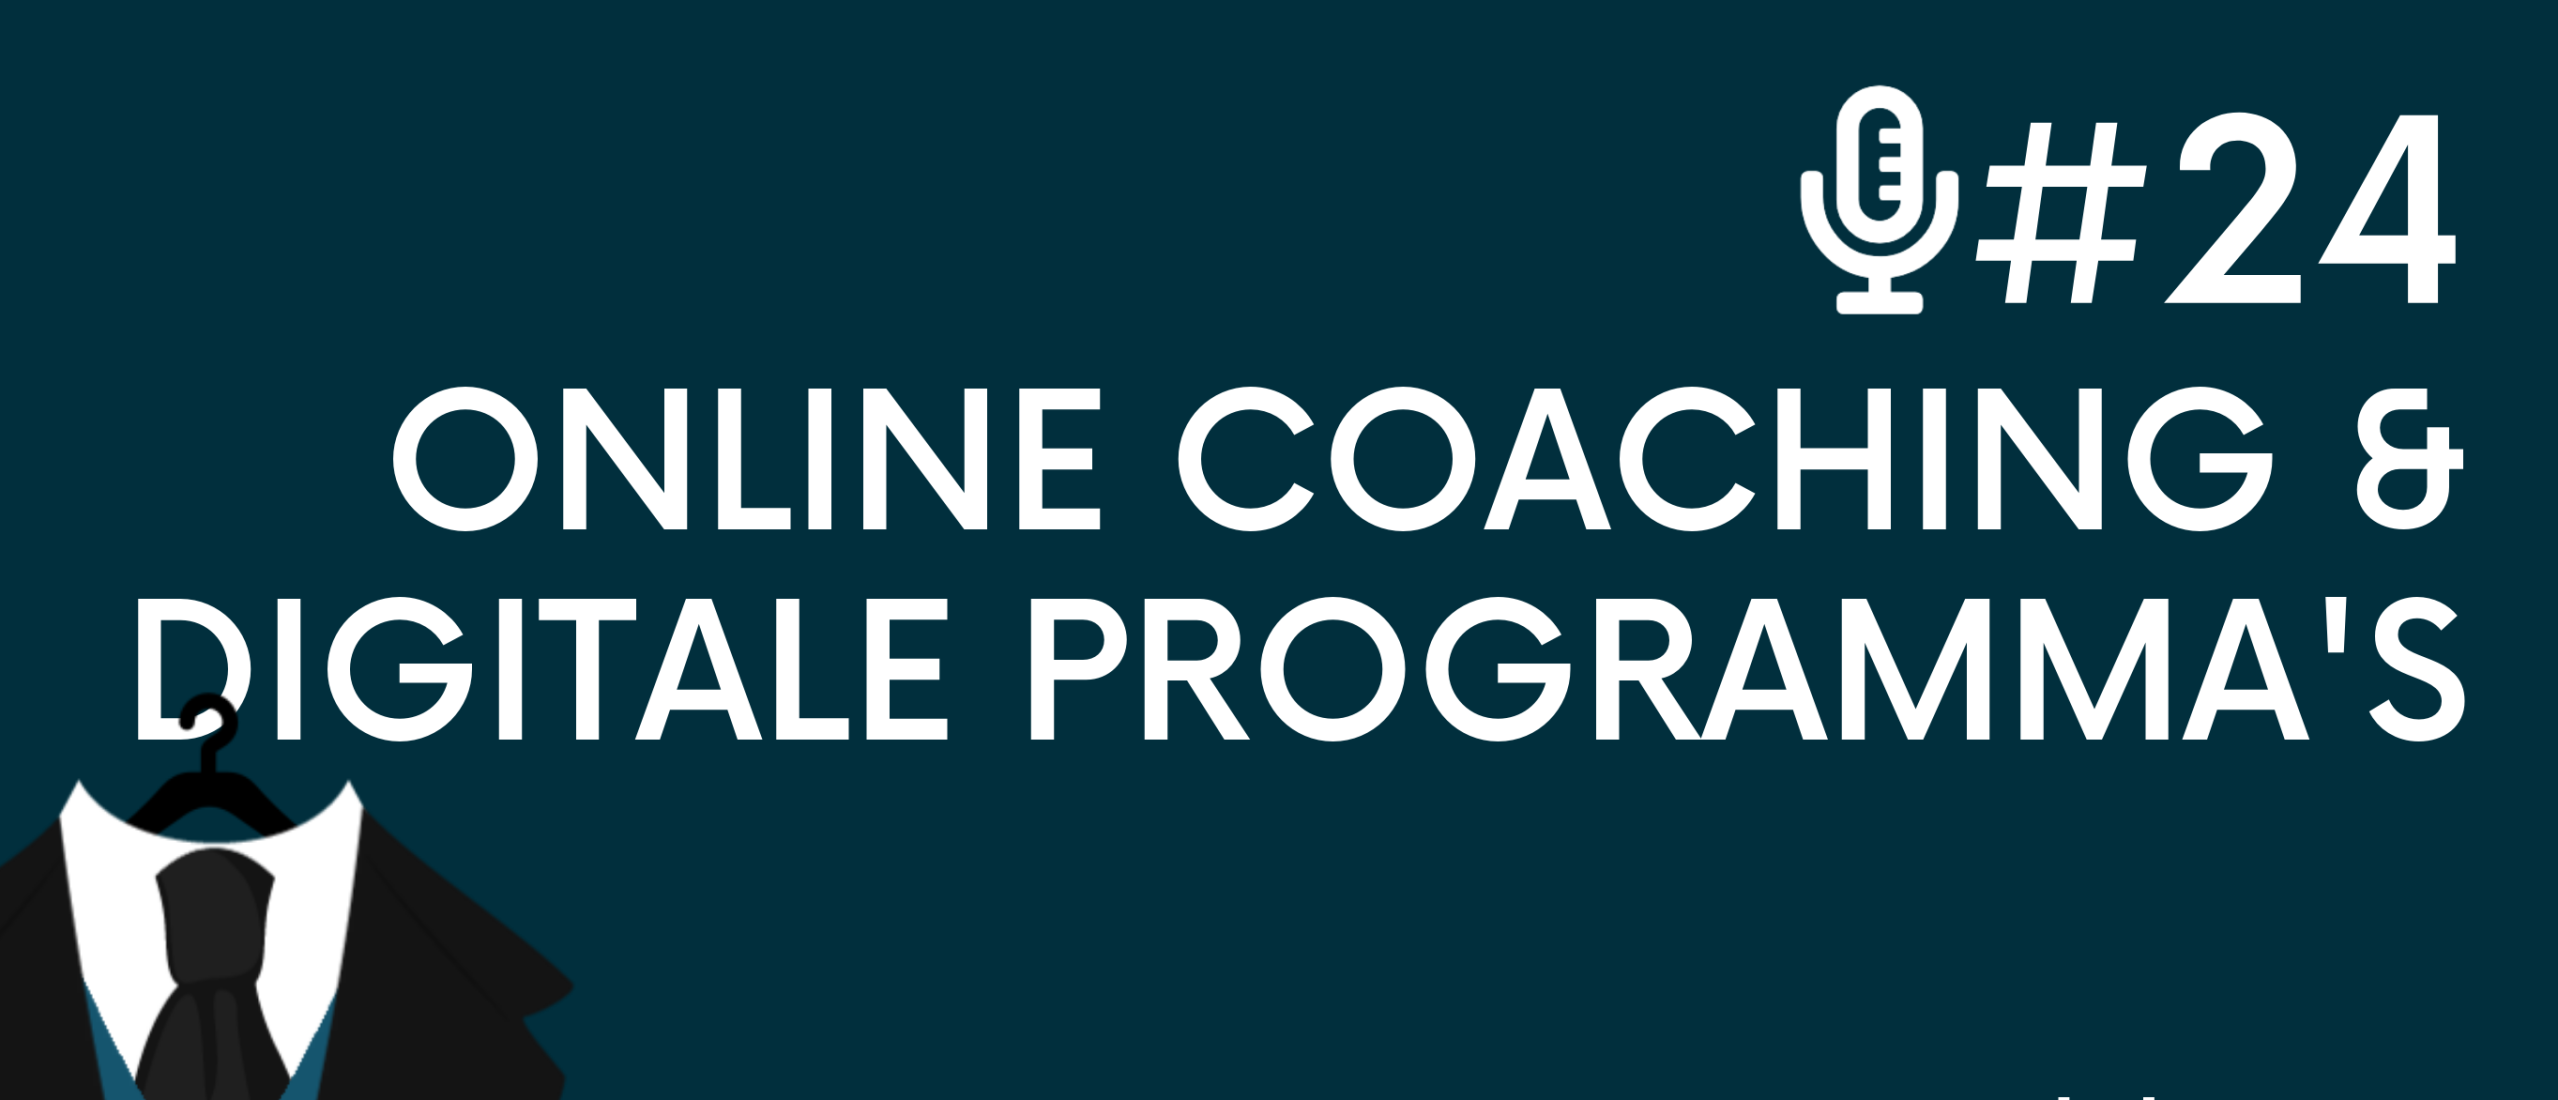 Online coaching & digitale programma's